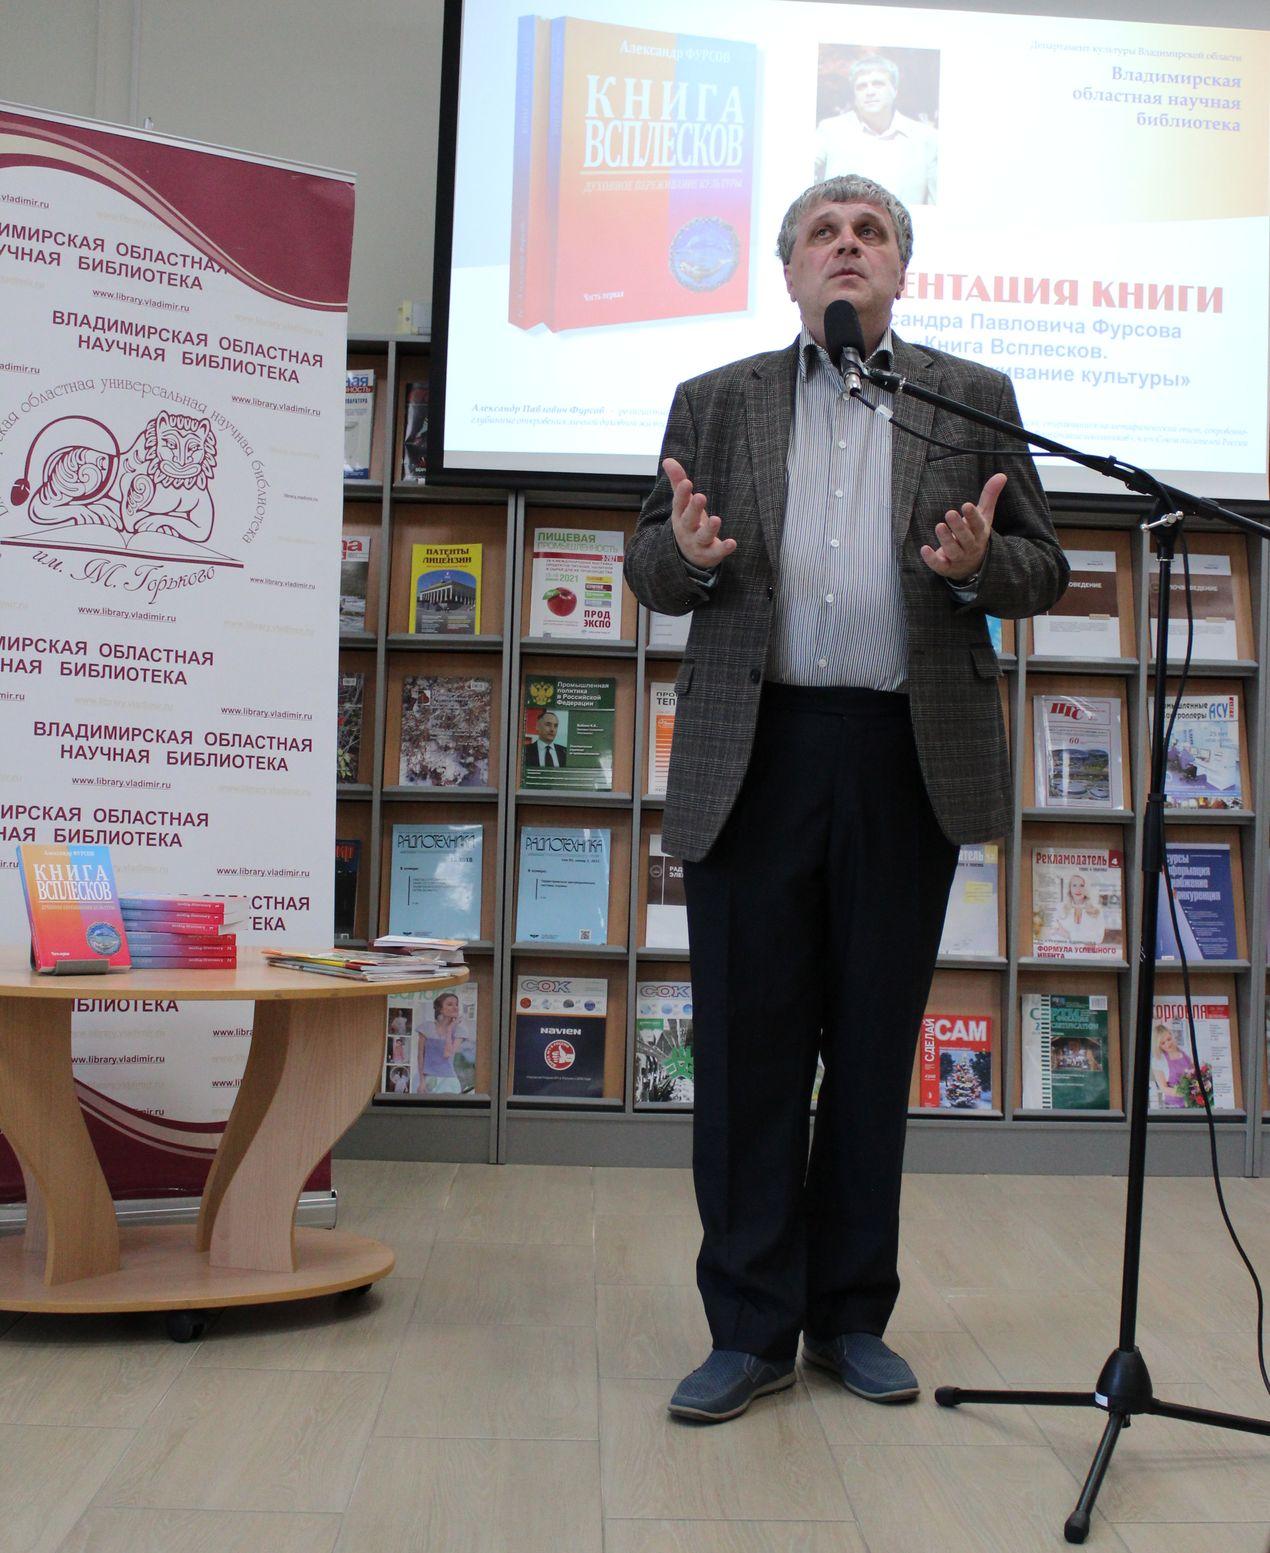 Выступление А. Фурсова